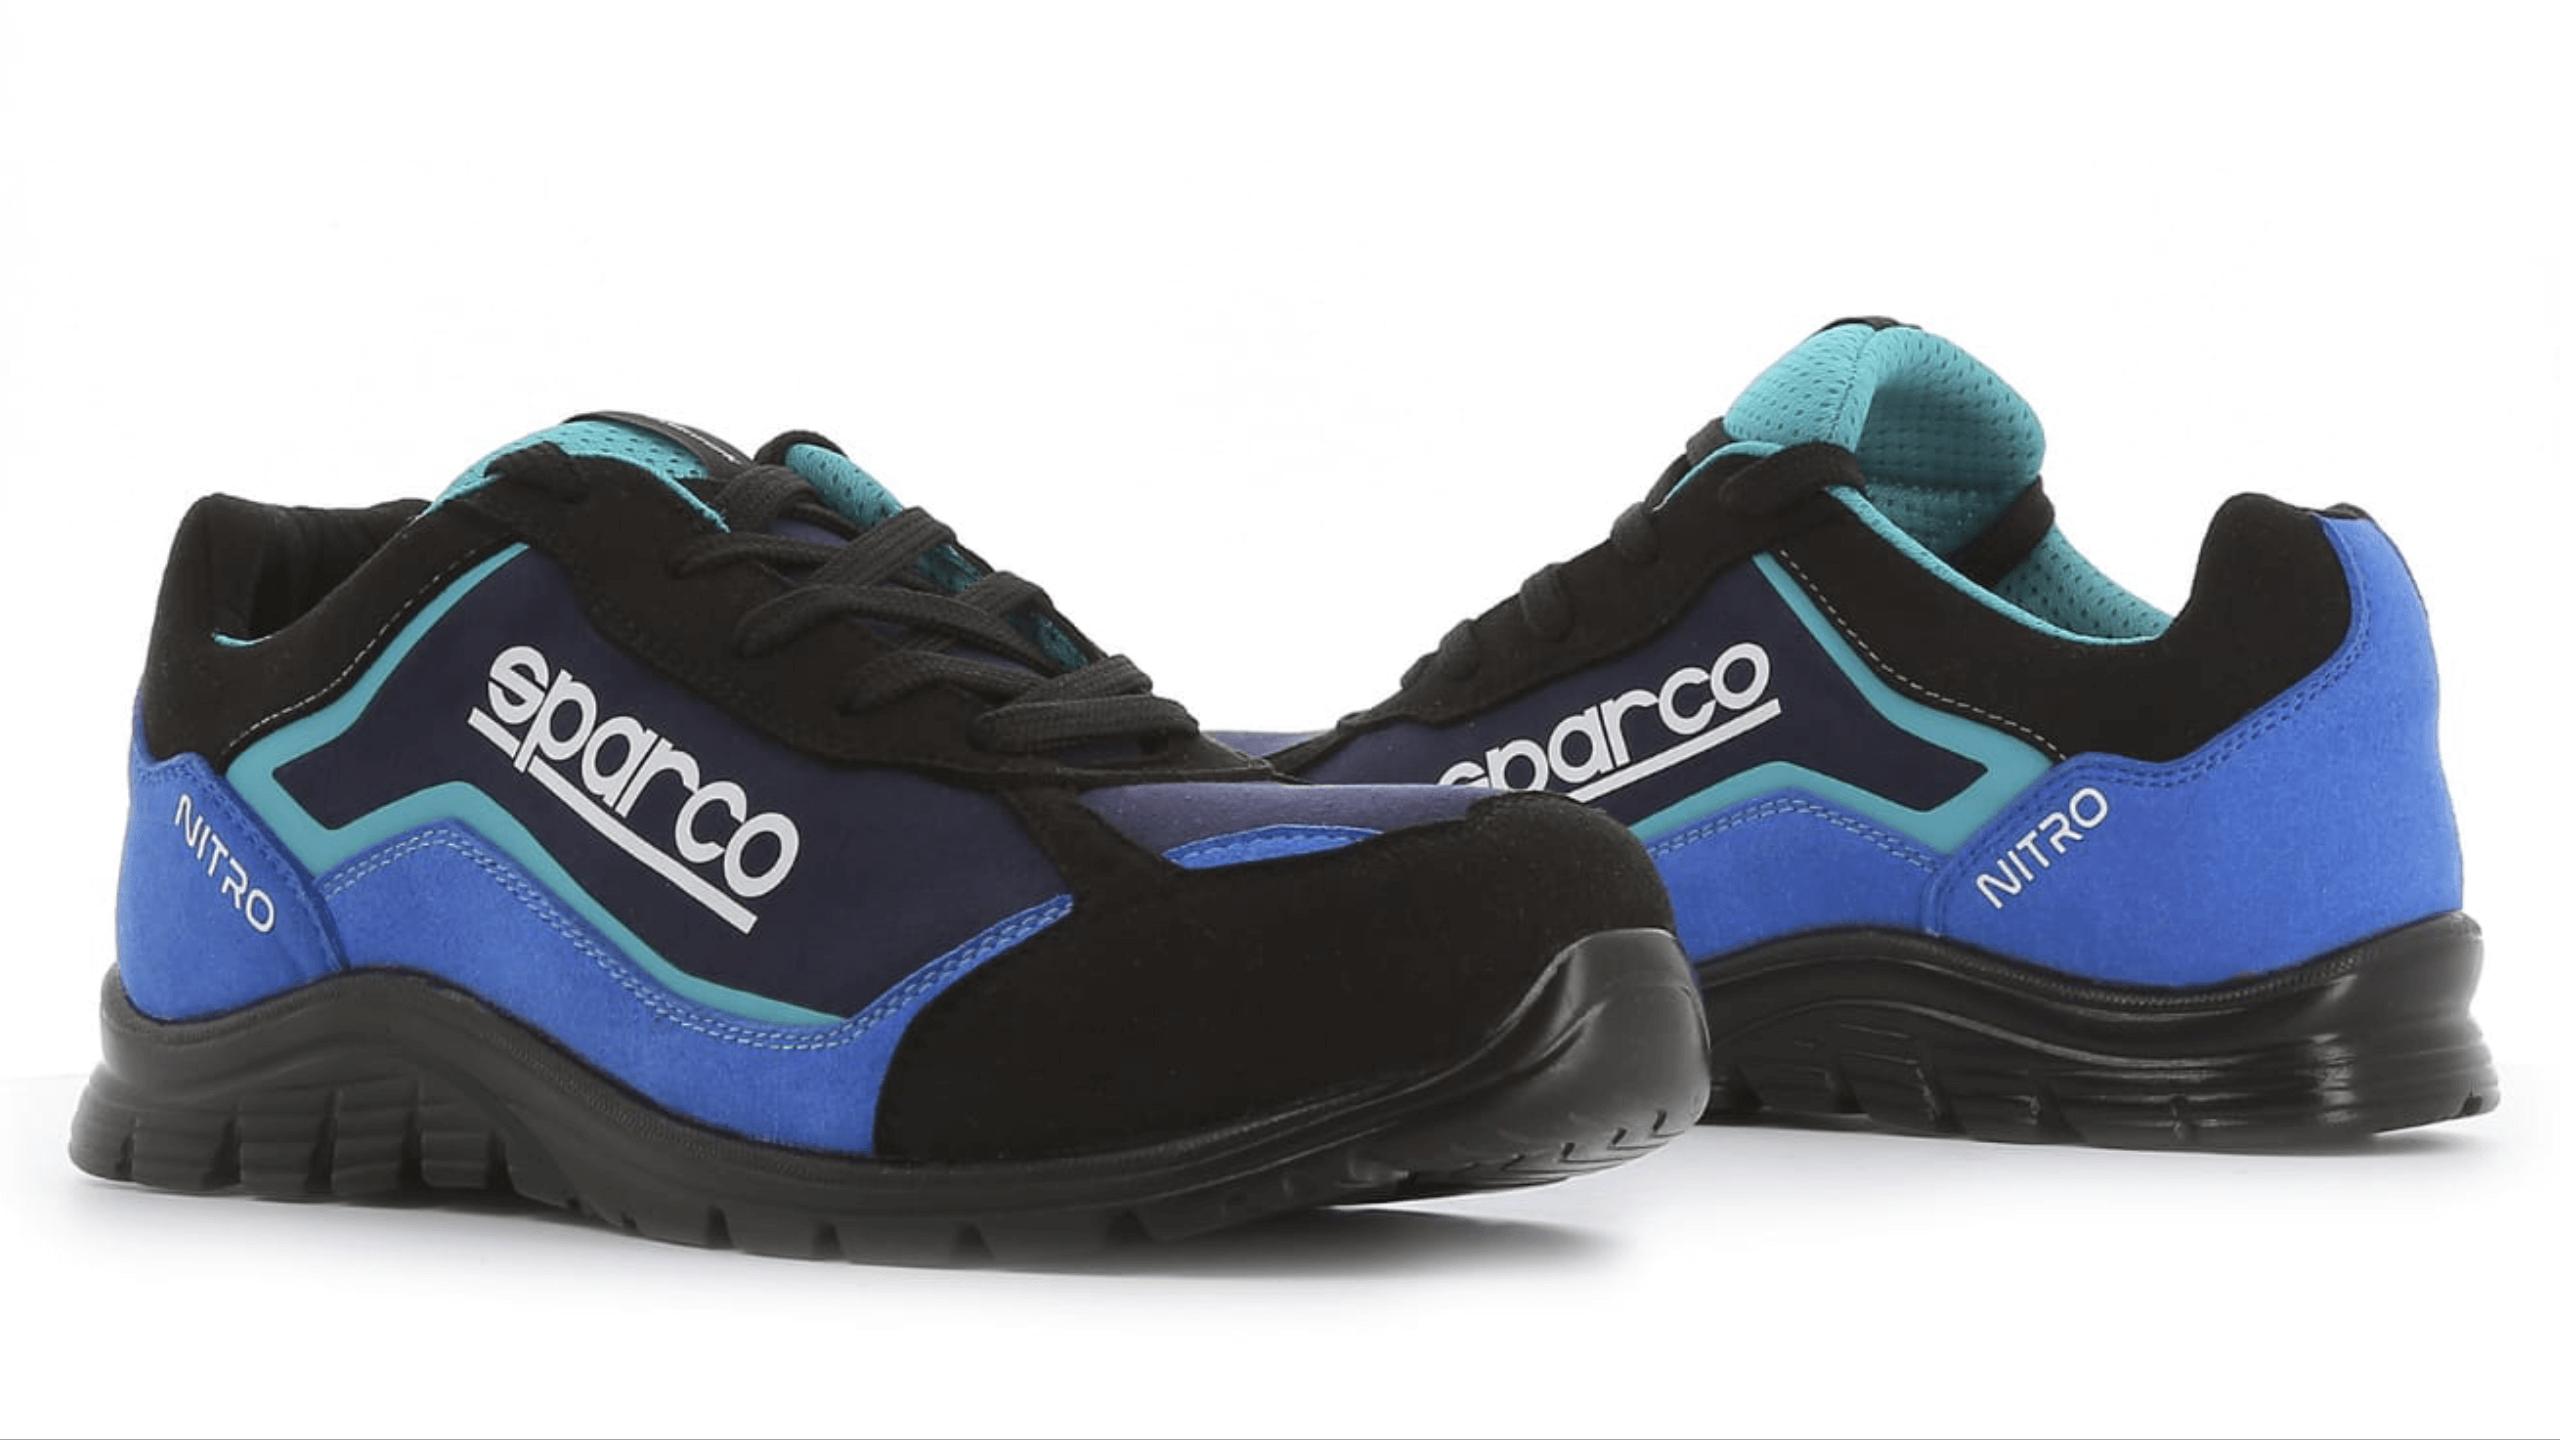 f86fc4e7c5a Los Zapatos de Seguridad más cómodos | Comprar zapatos trabajo cómodos | Calzado  de Protección